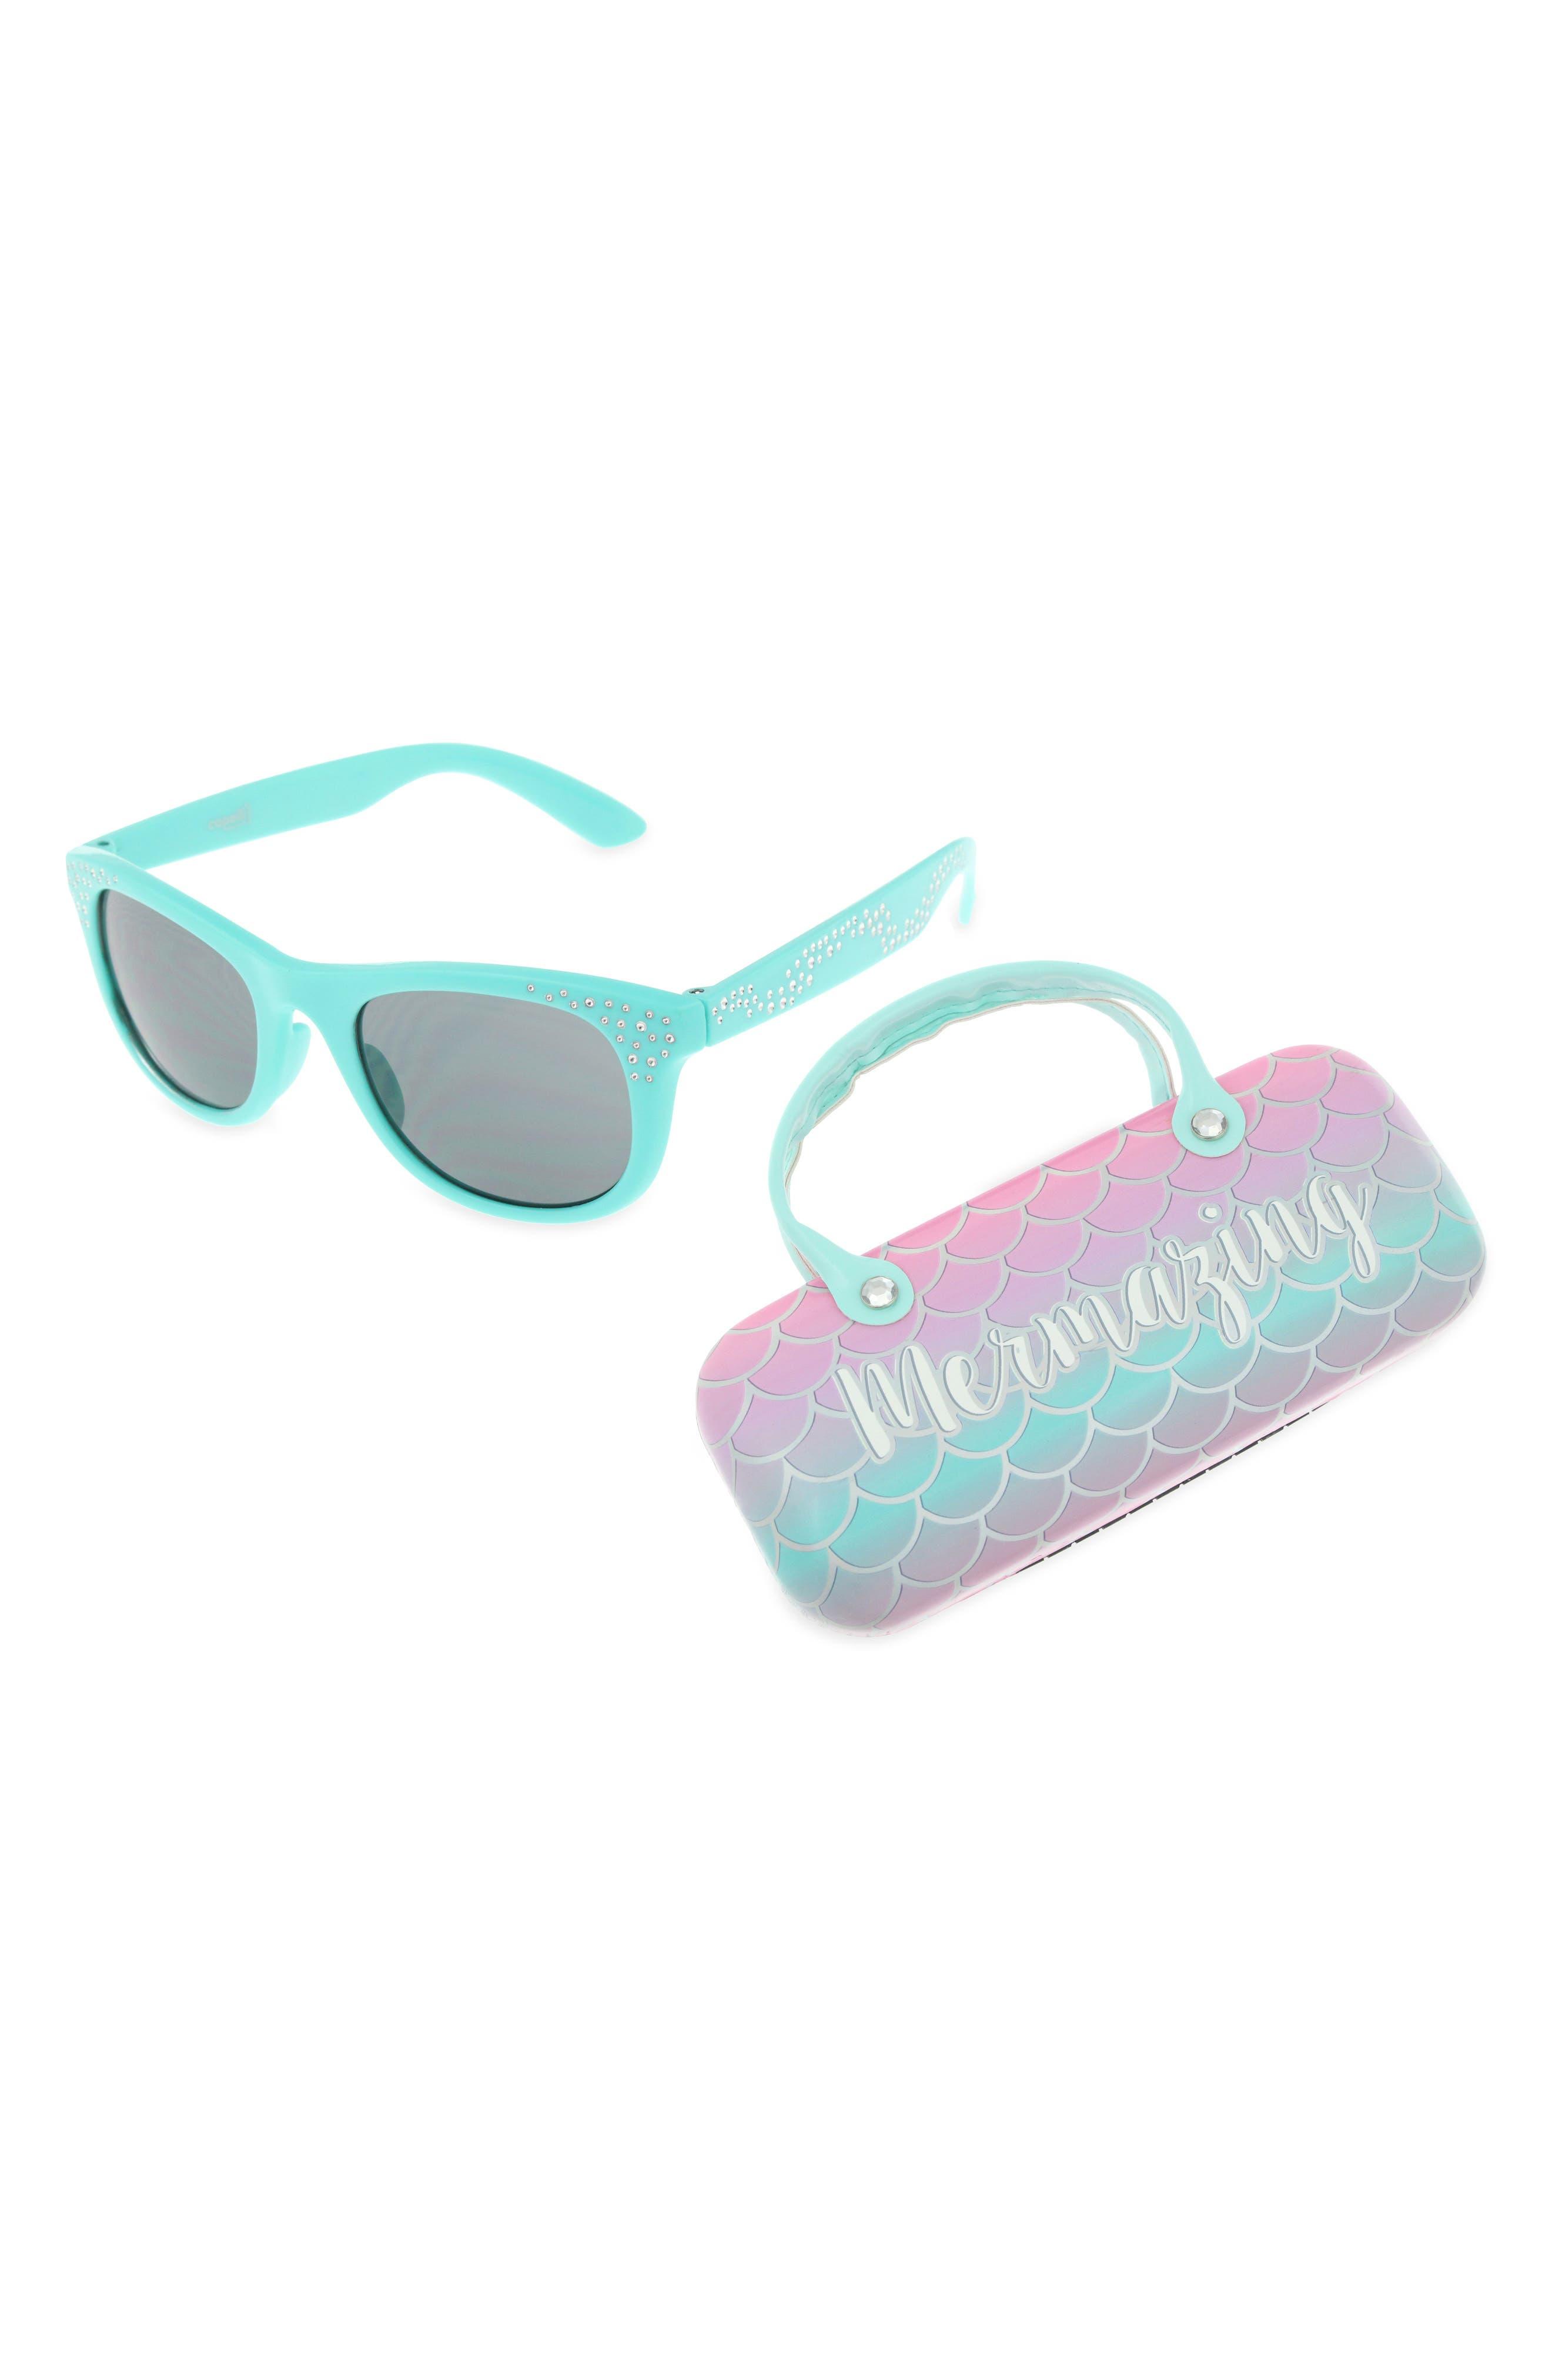 Mermazing 60mm Sunglasses & Case Set,                         Main,                         color, Mint